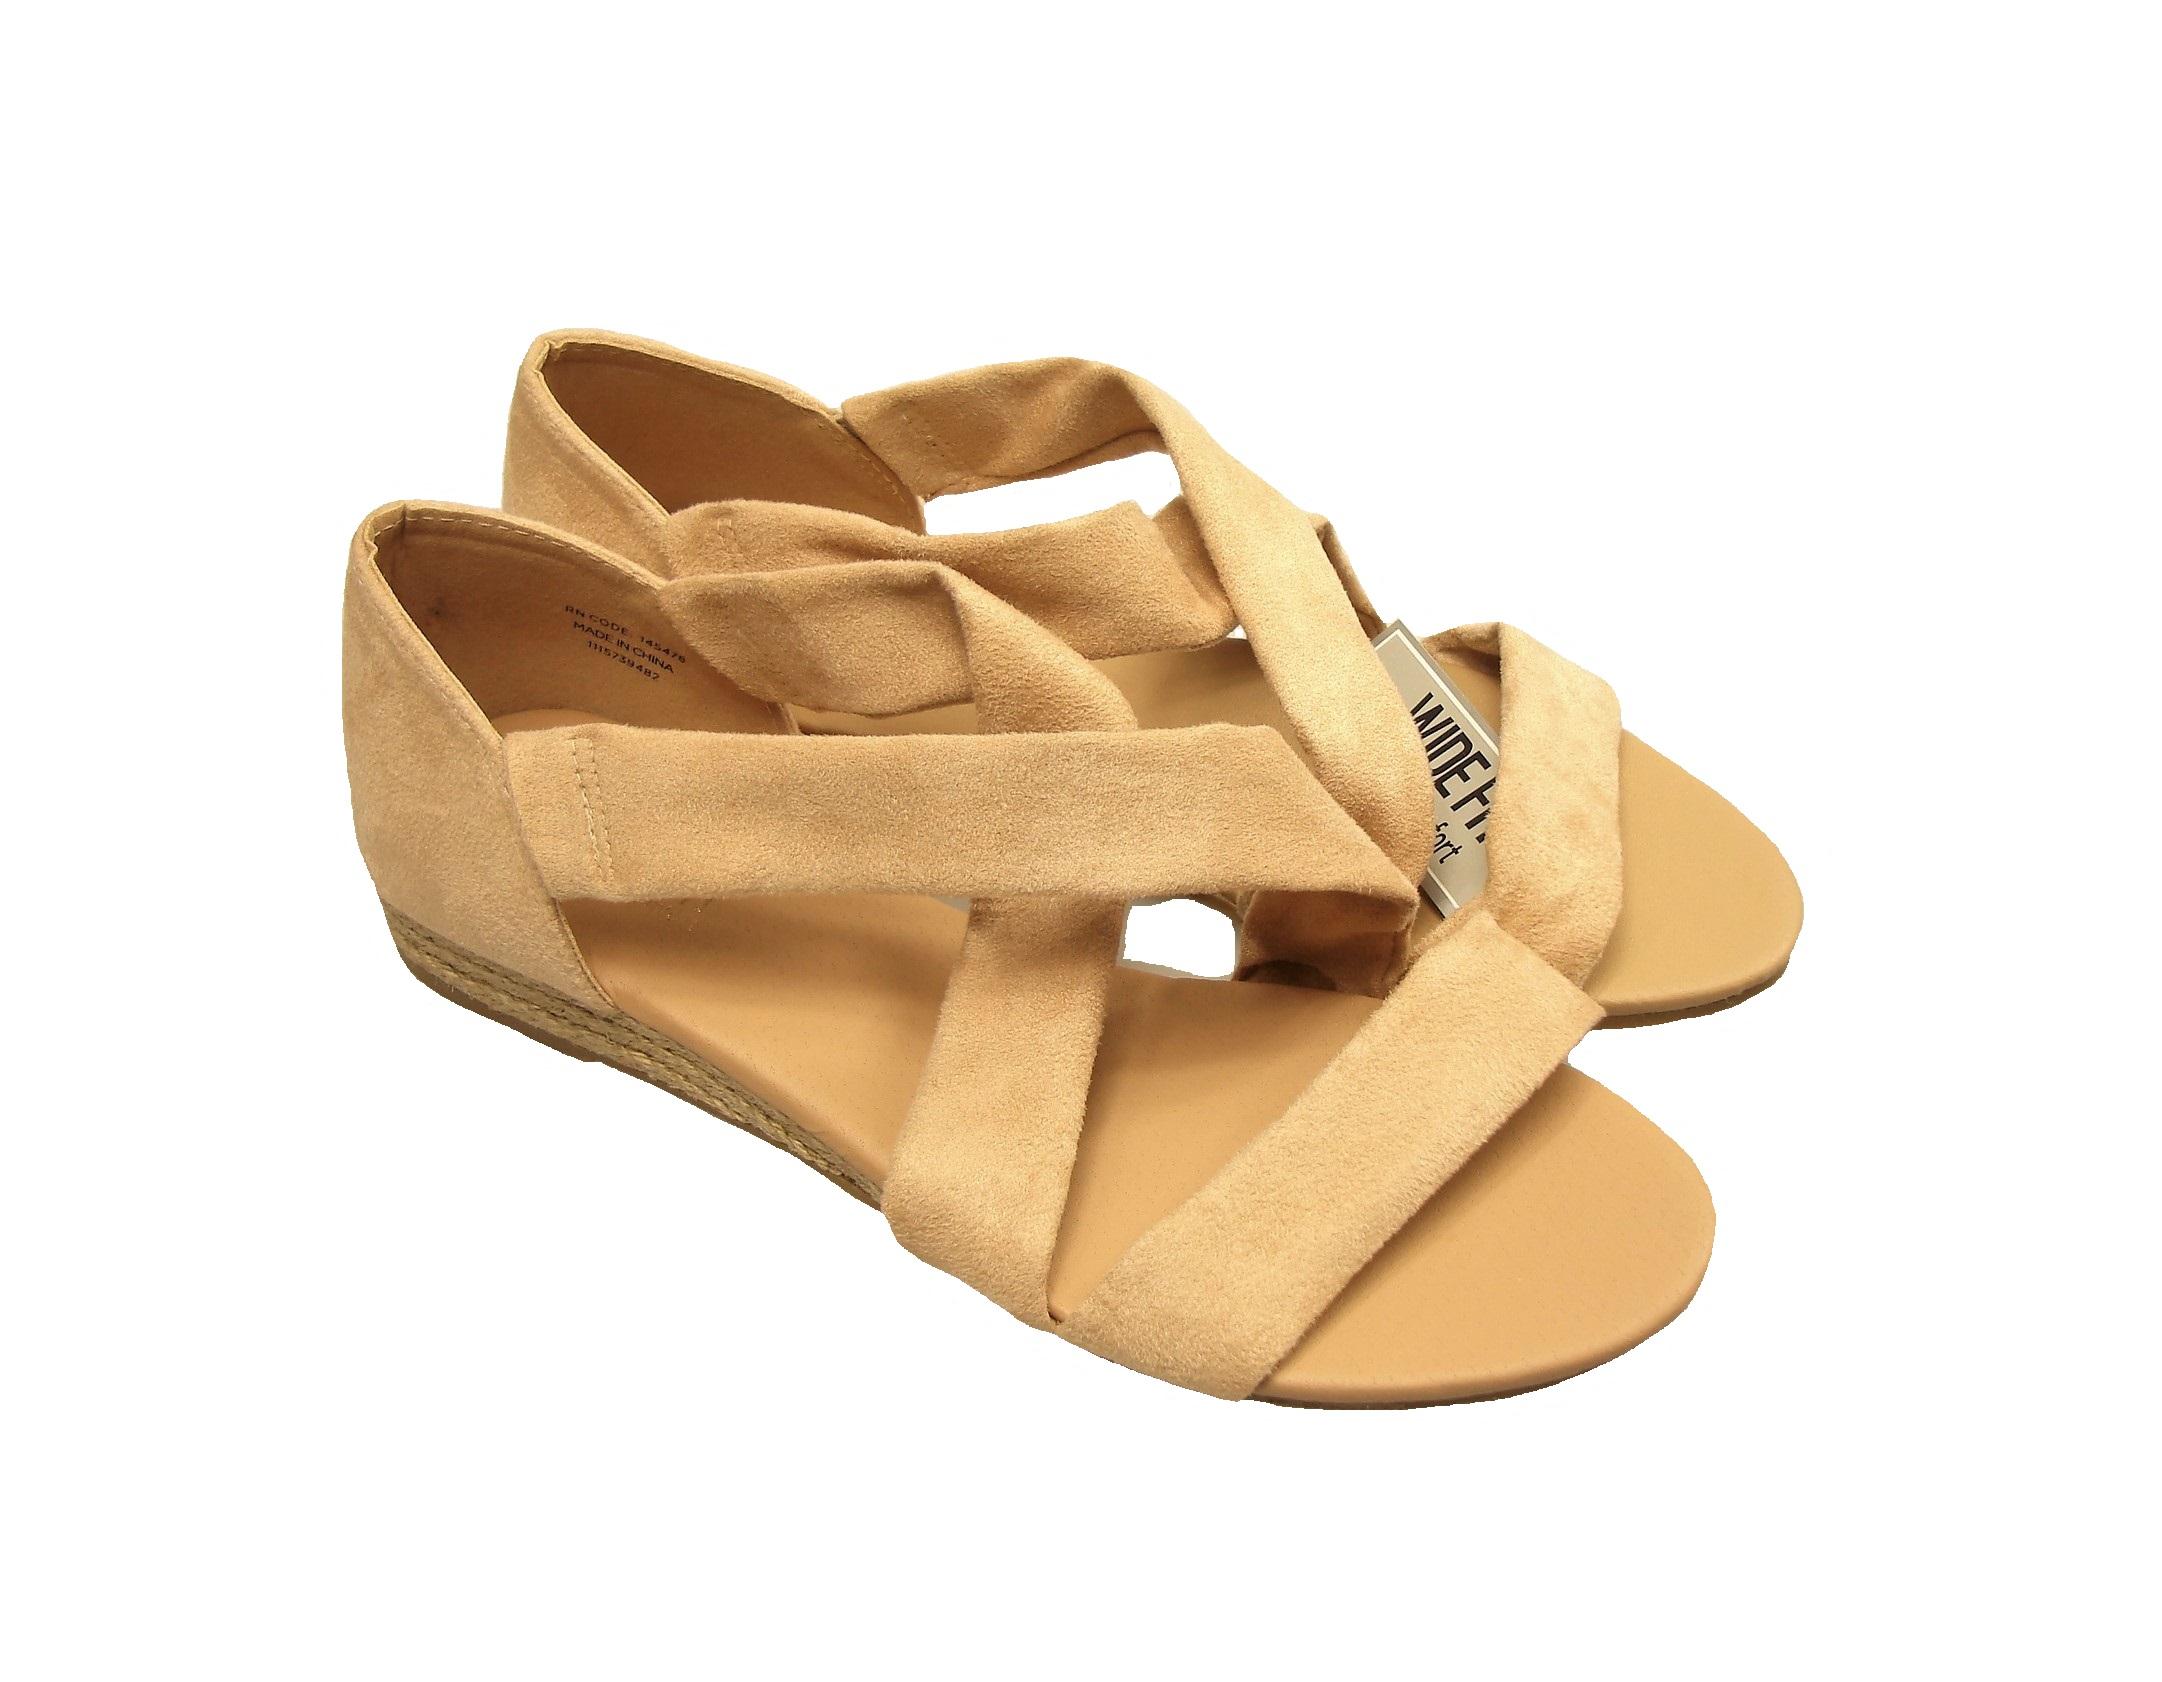 97b8ecbf973f9 szerokie sandały mały koturn 40,5 - 41 Atmosphere - 7373698299 - oficjalne  archiwum allegro